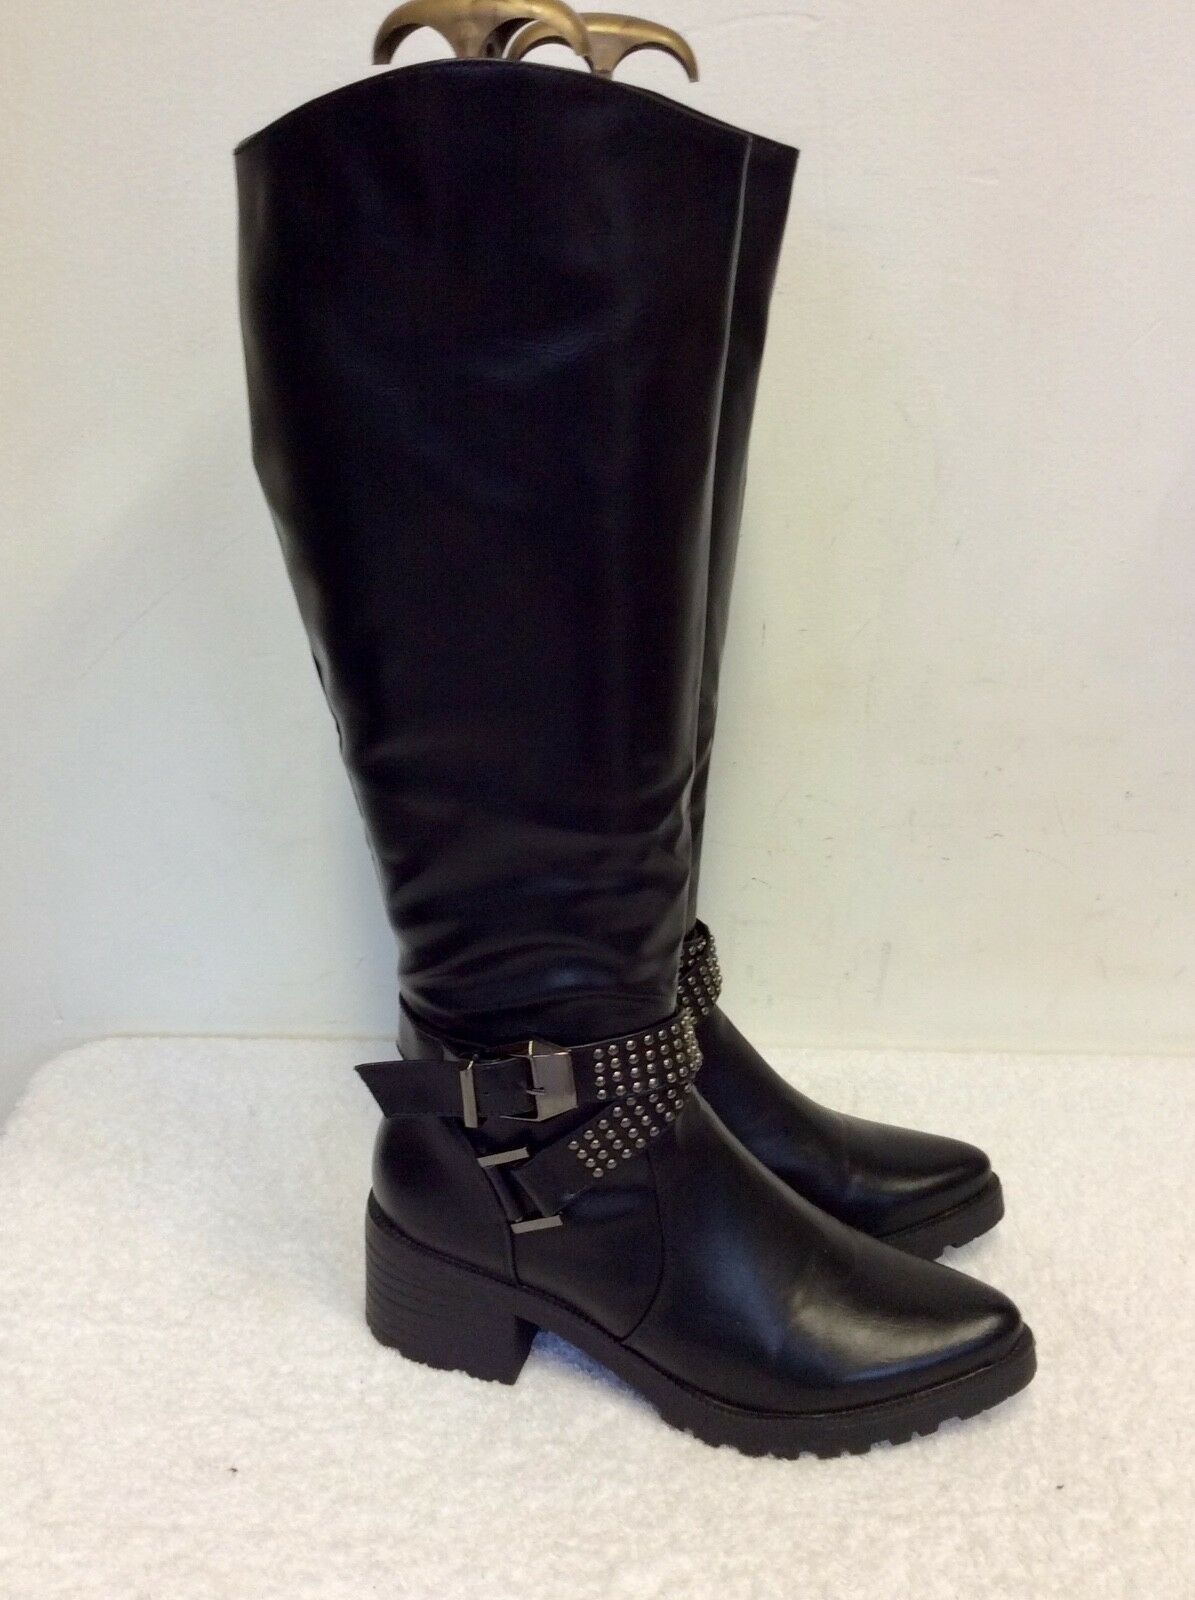 Moda barata y hermosa Totalmente Tachonado Nuevo Zapatos Ideal Negro Tachonado Totalmente Hebilla de ajuste a la rodilla botas /38 3be723